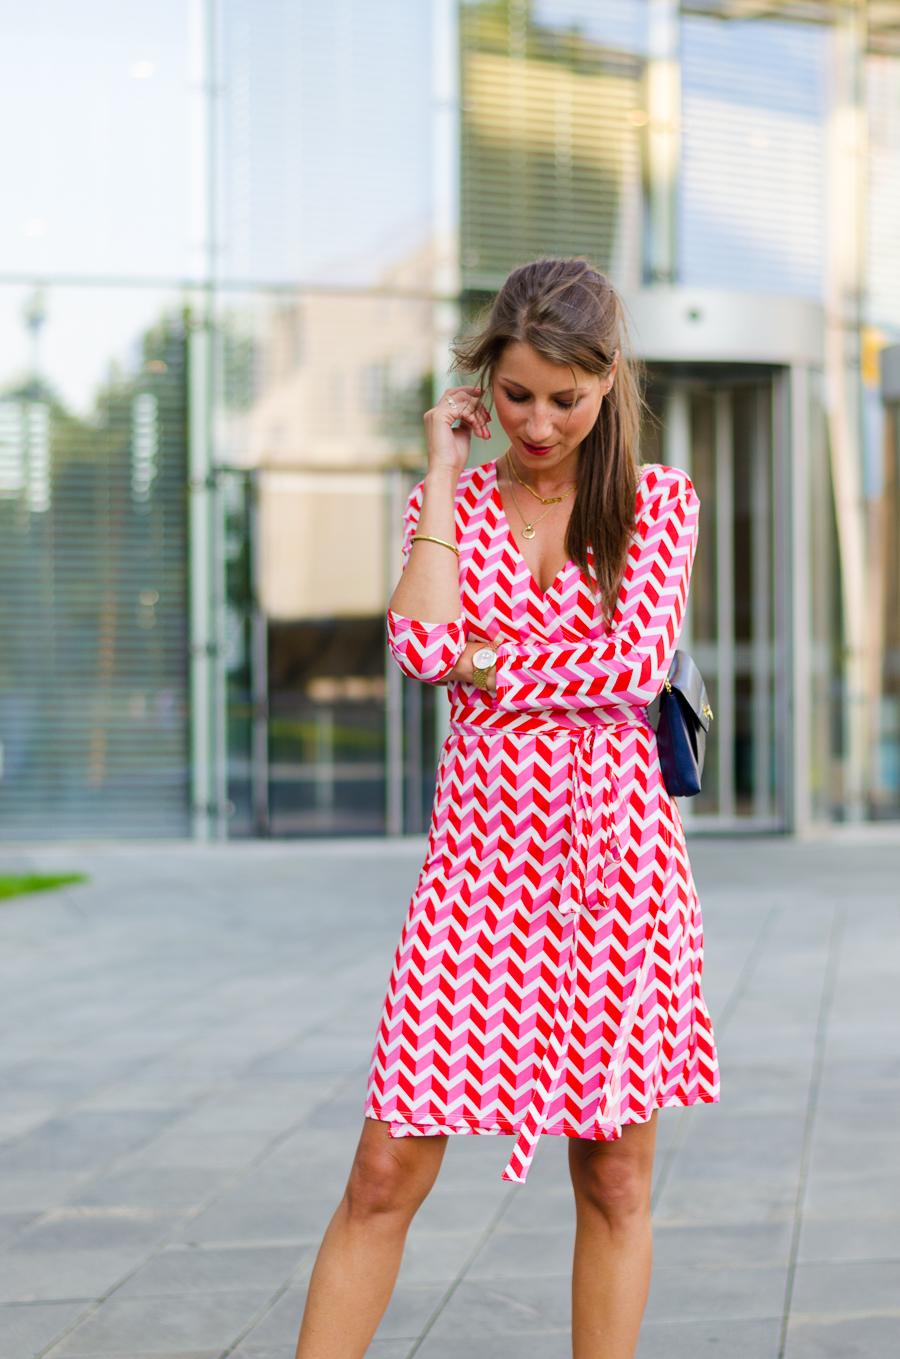 wickelkleid a la fürstenberg outfit